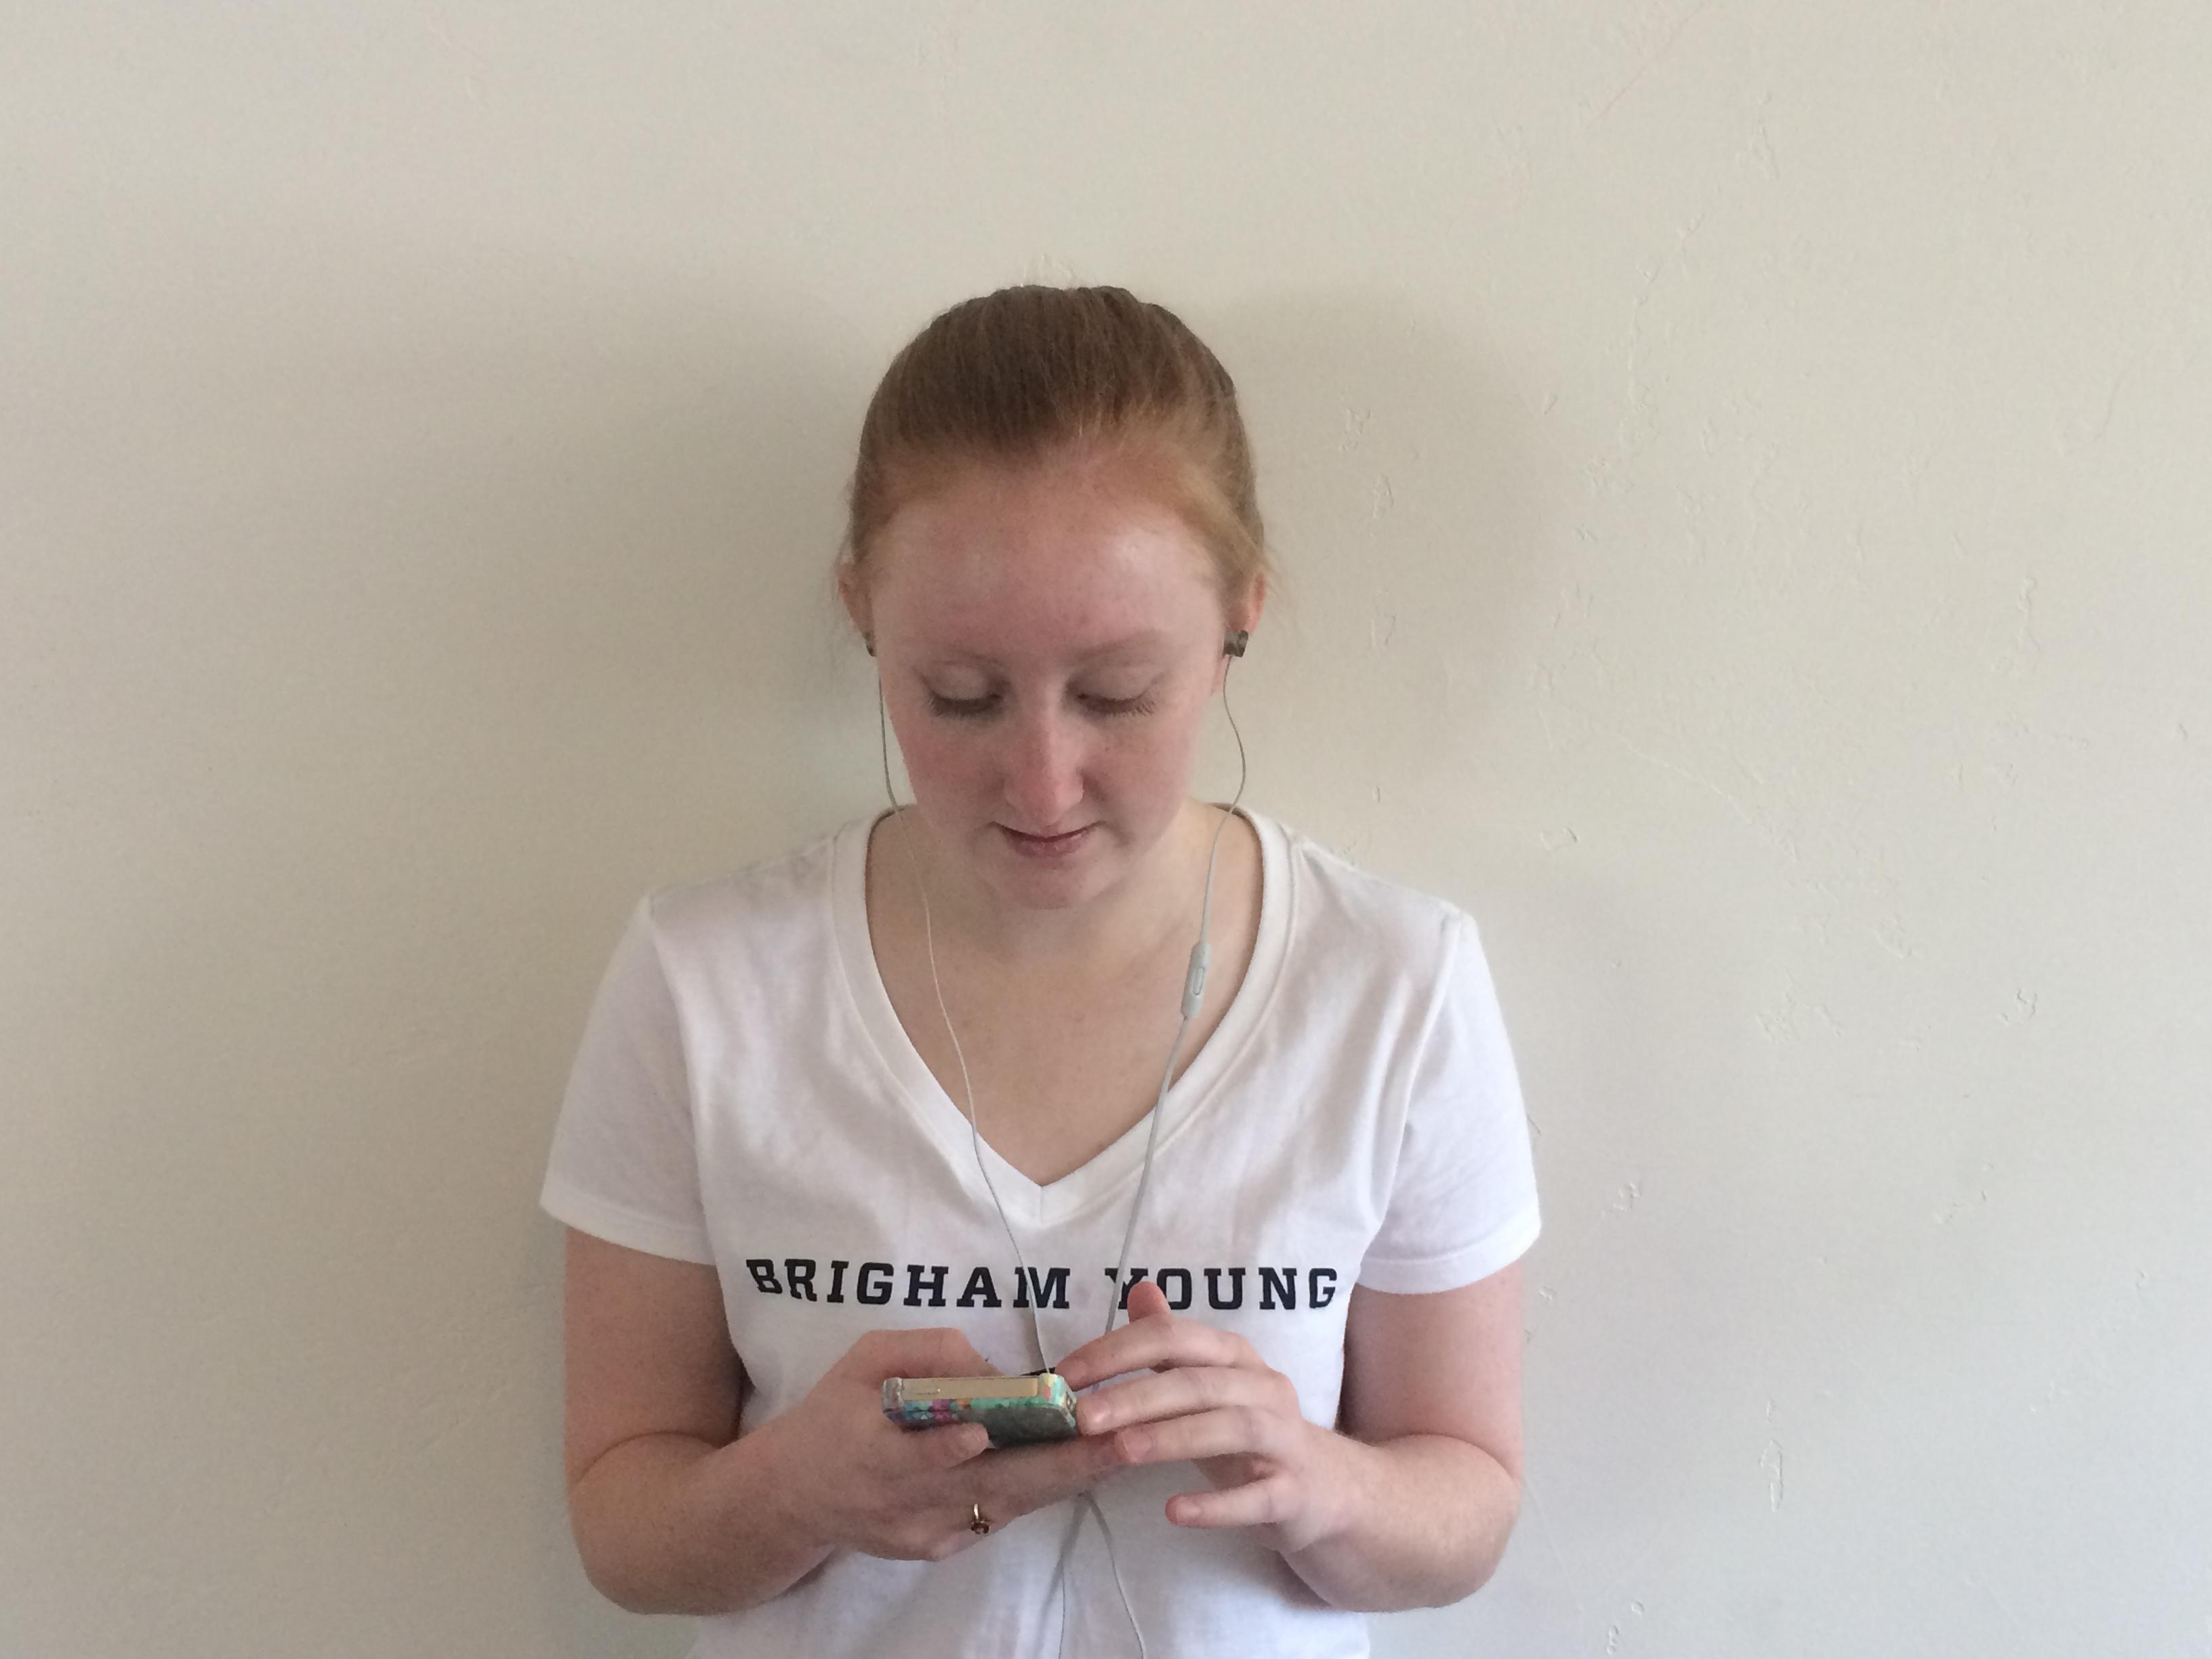 BYU gymnast, Jordan Dalebout, chooses music before stretching